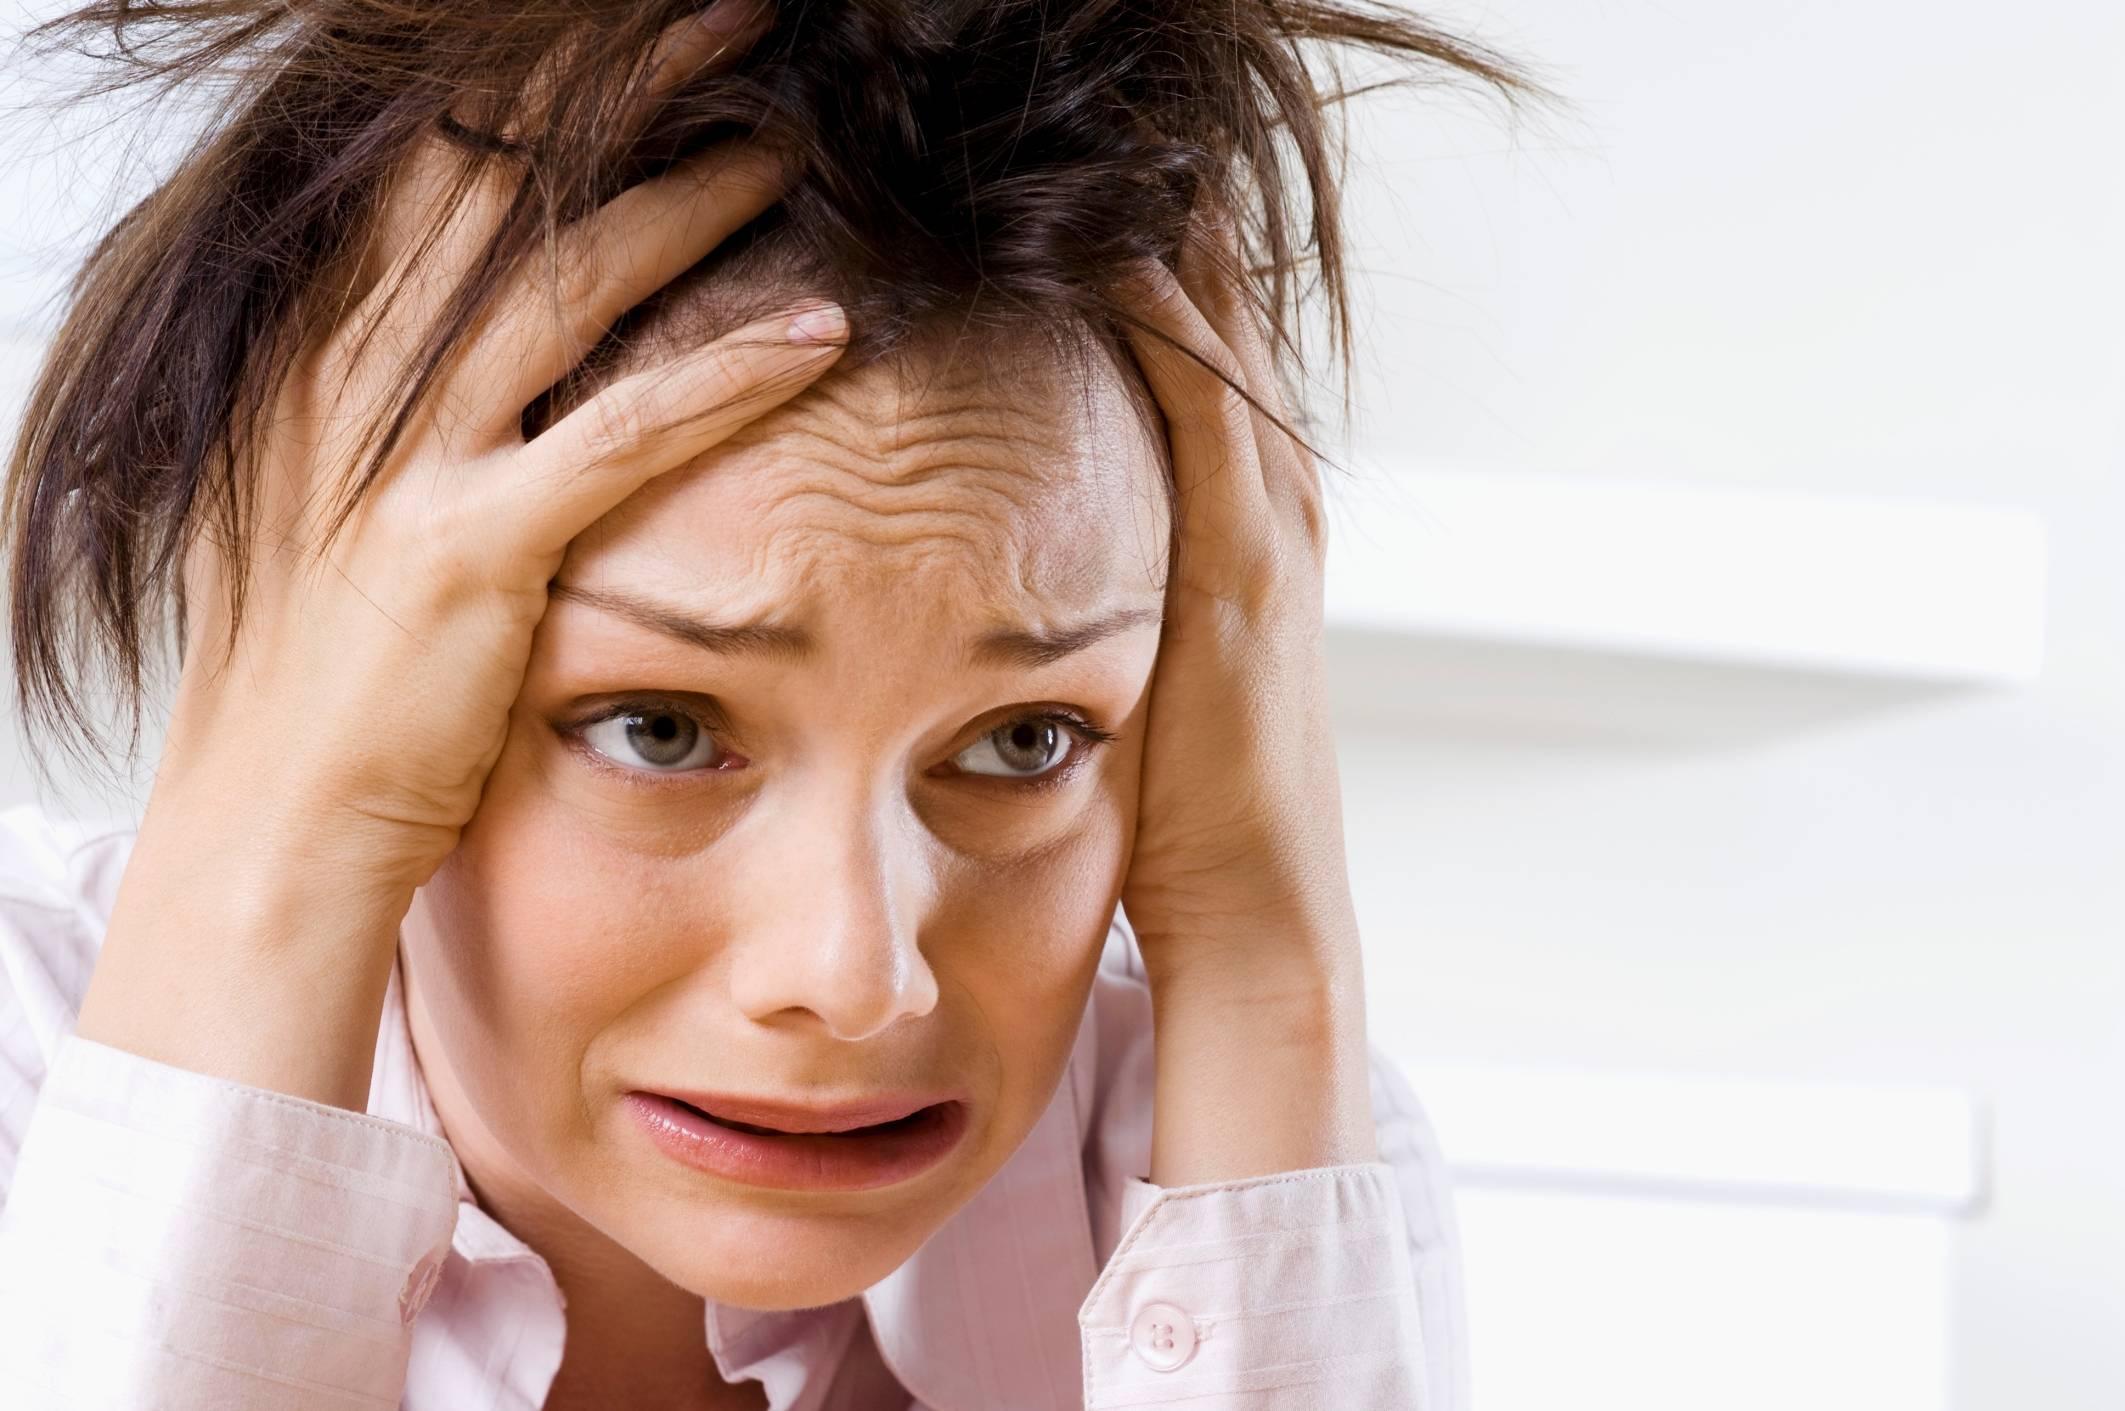 Сильная боль в желудке спазмами: что делать при симптомах?